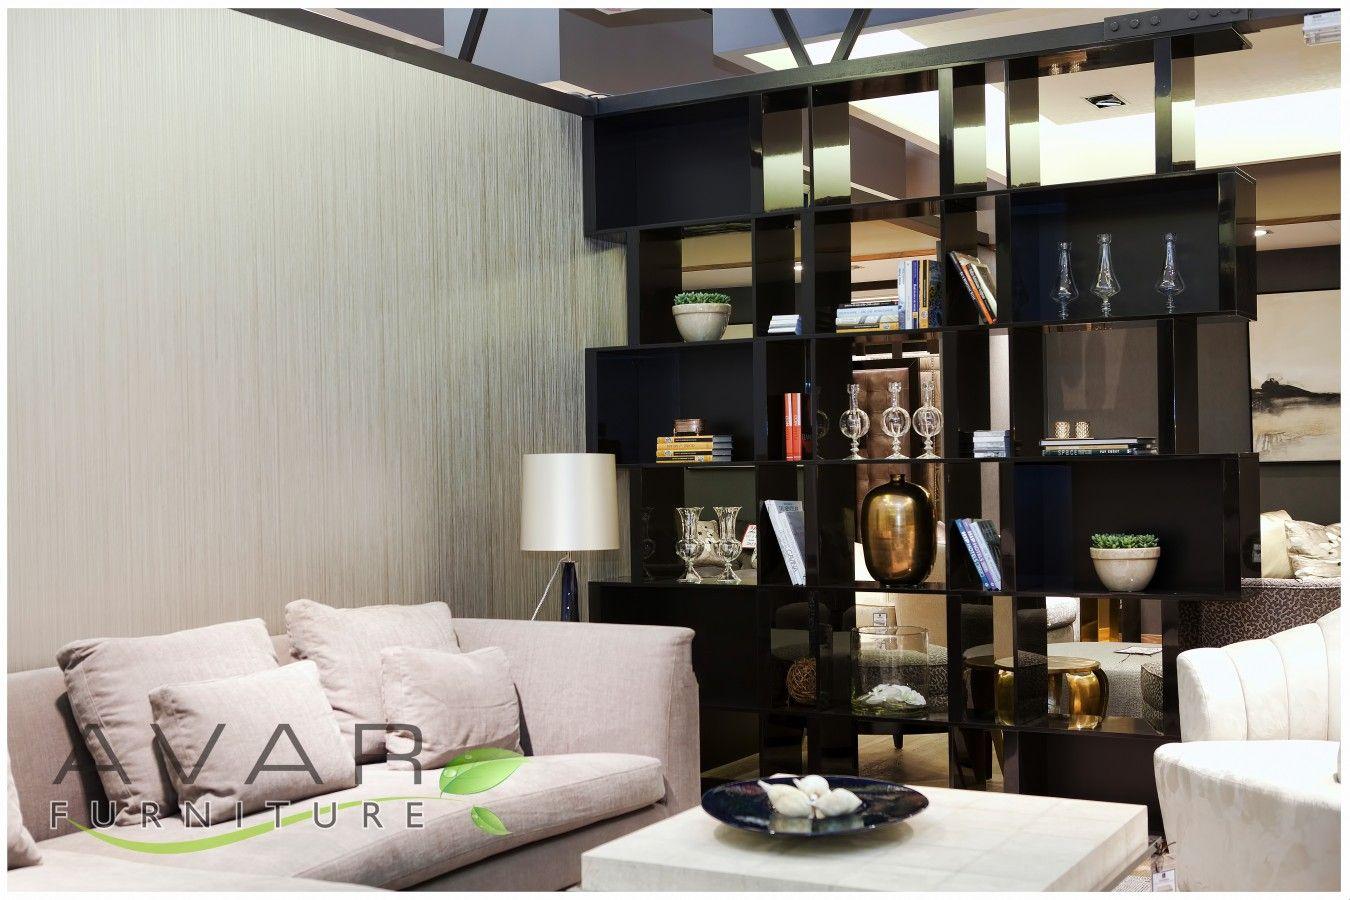 custom made shelves very modern from avar furniture bespoke